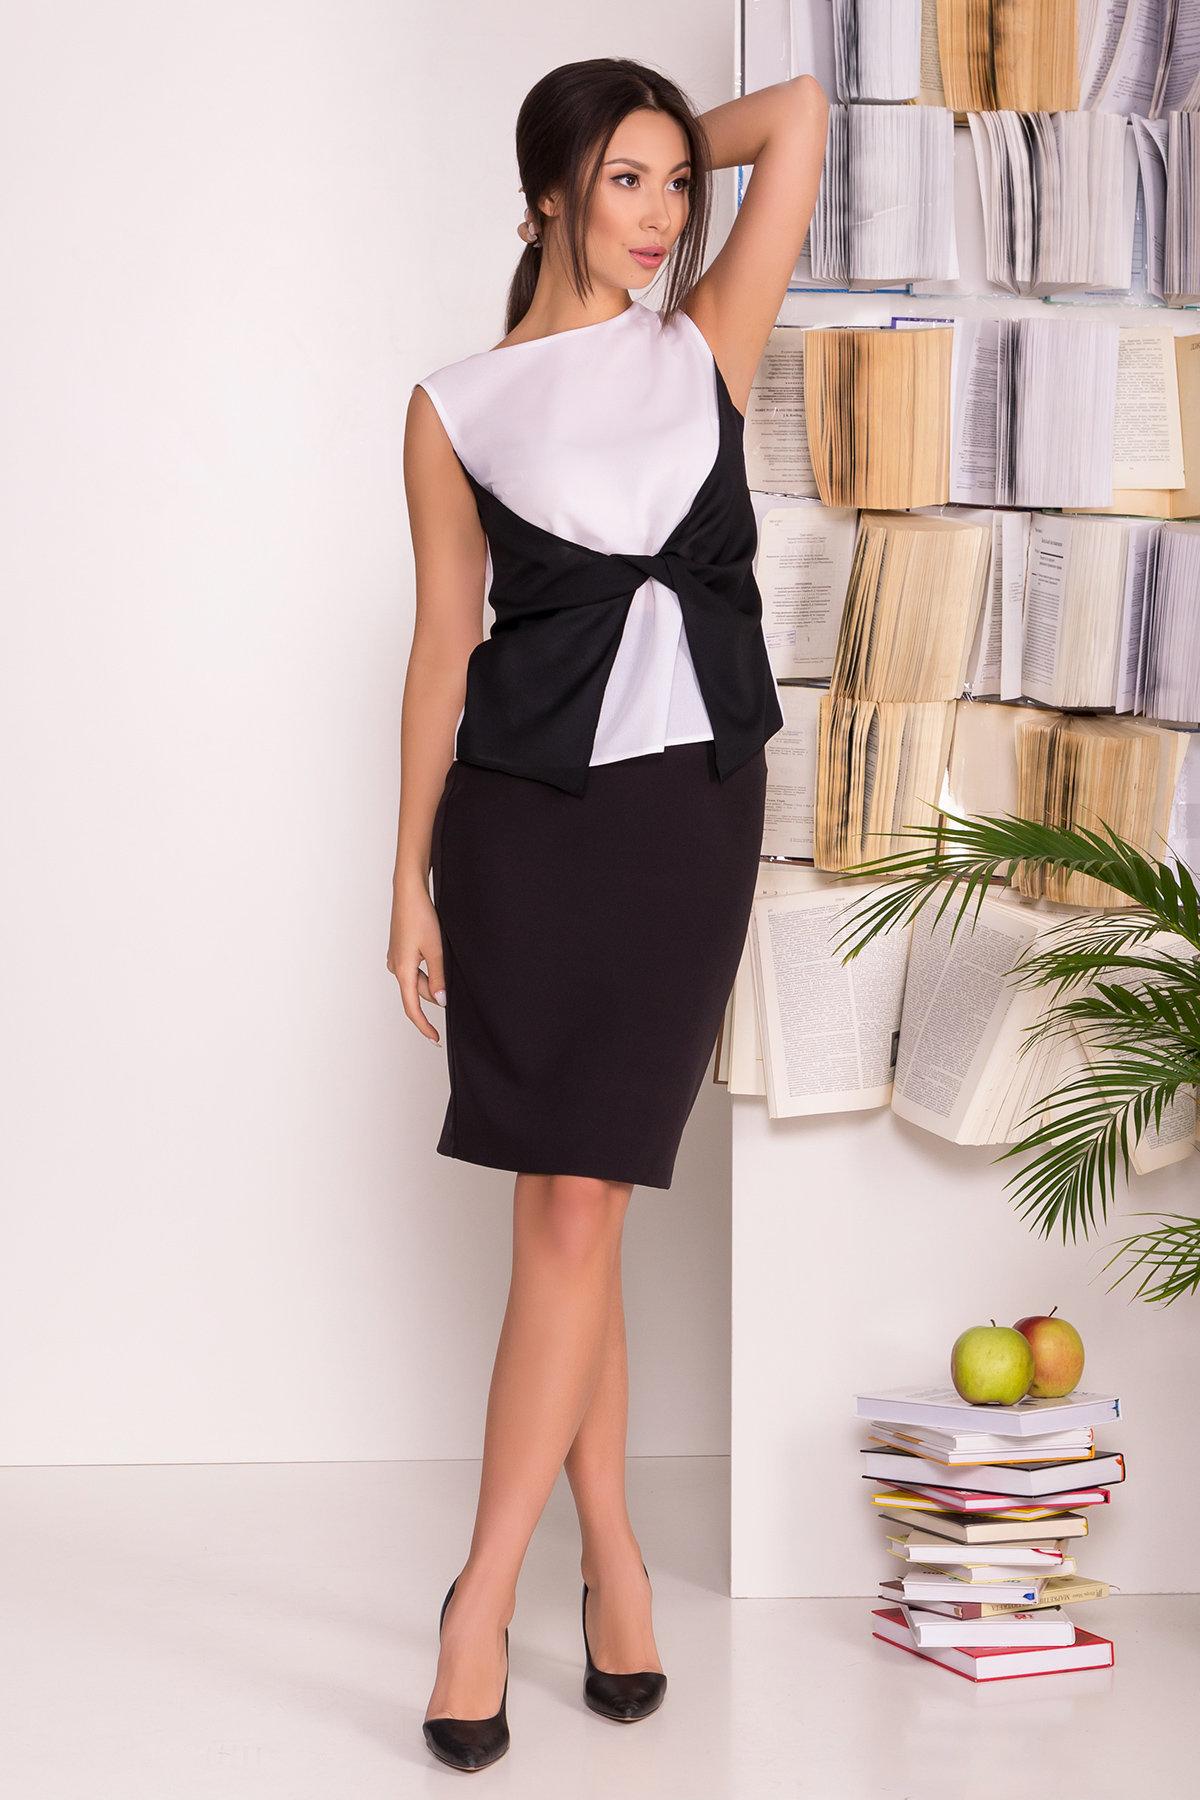 Черно-белая блуза Борнео 7655 АРТ. 43640 Цвет: Белый/черный - фото 2, интернет магазин tm-modus.ru